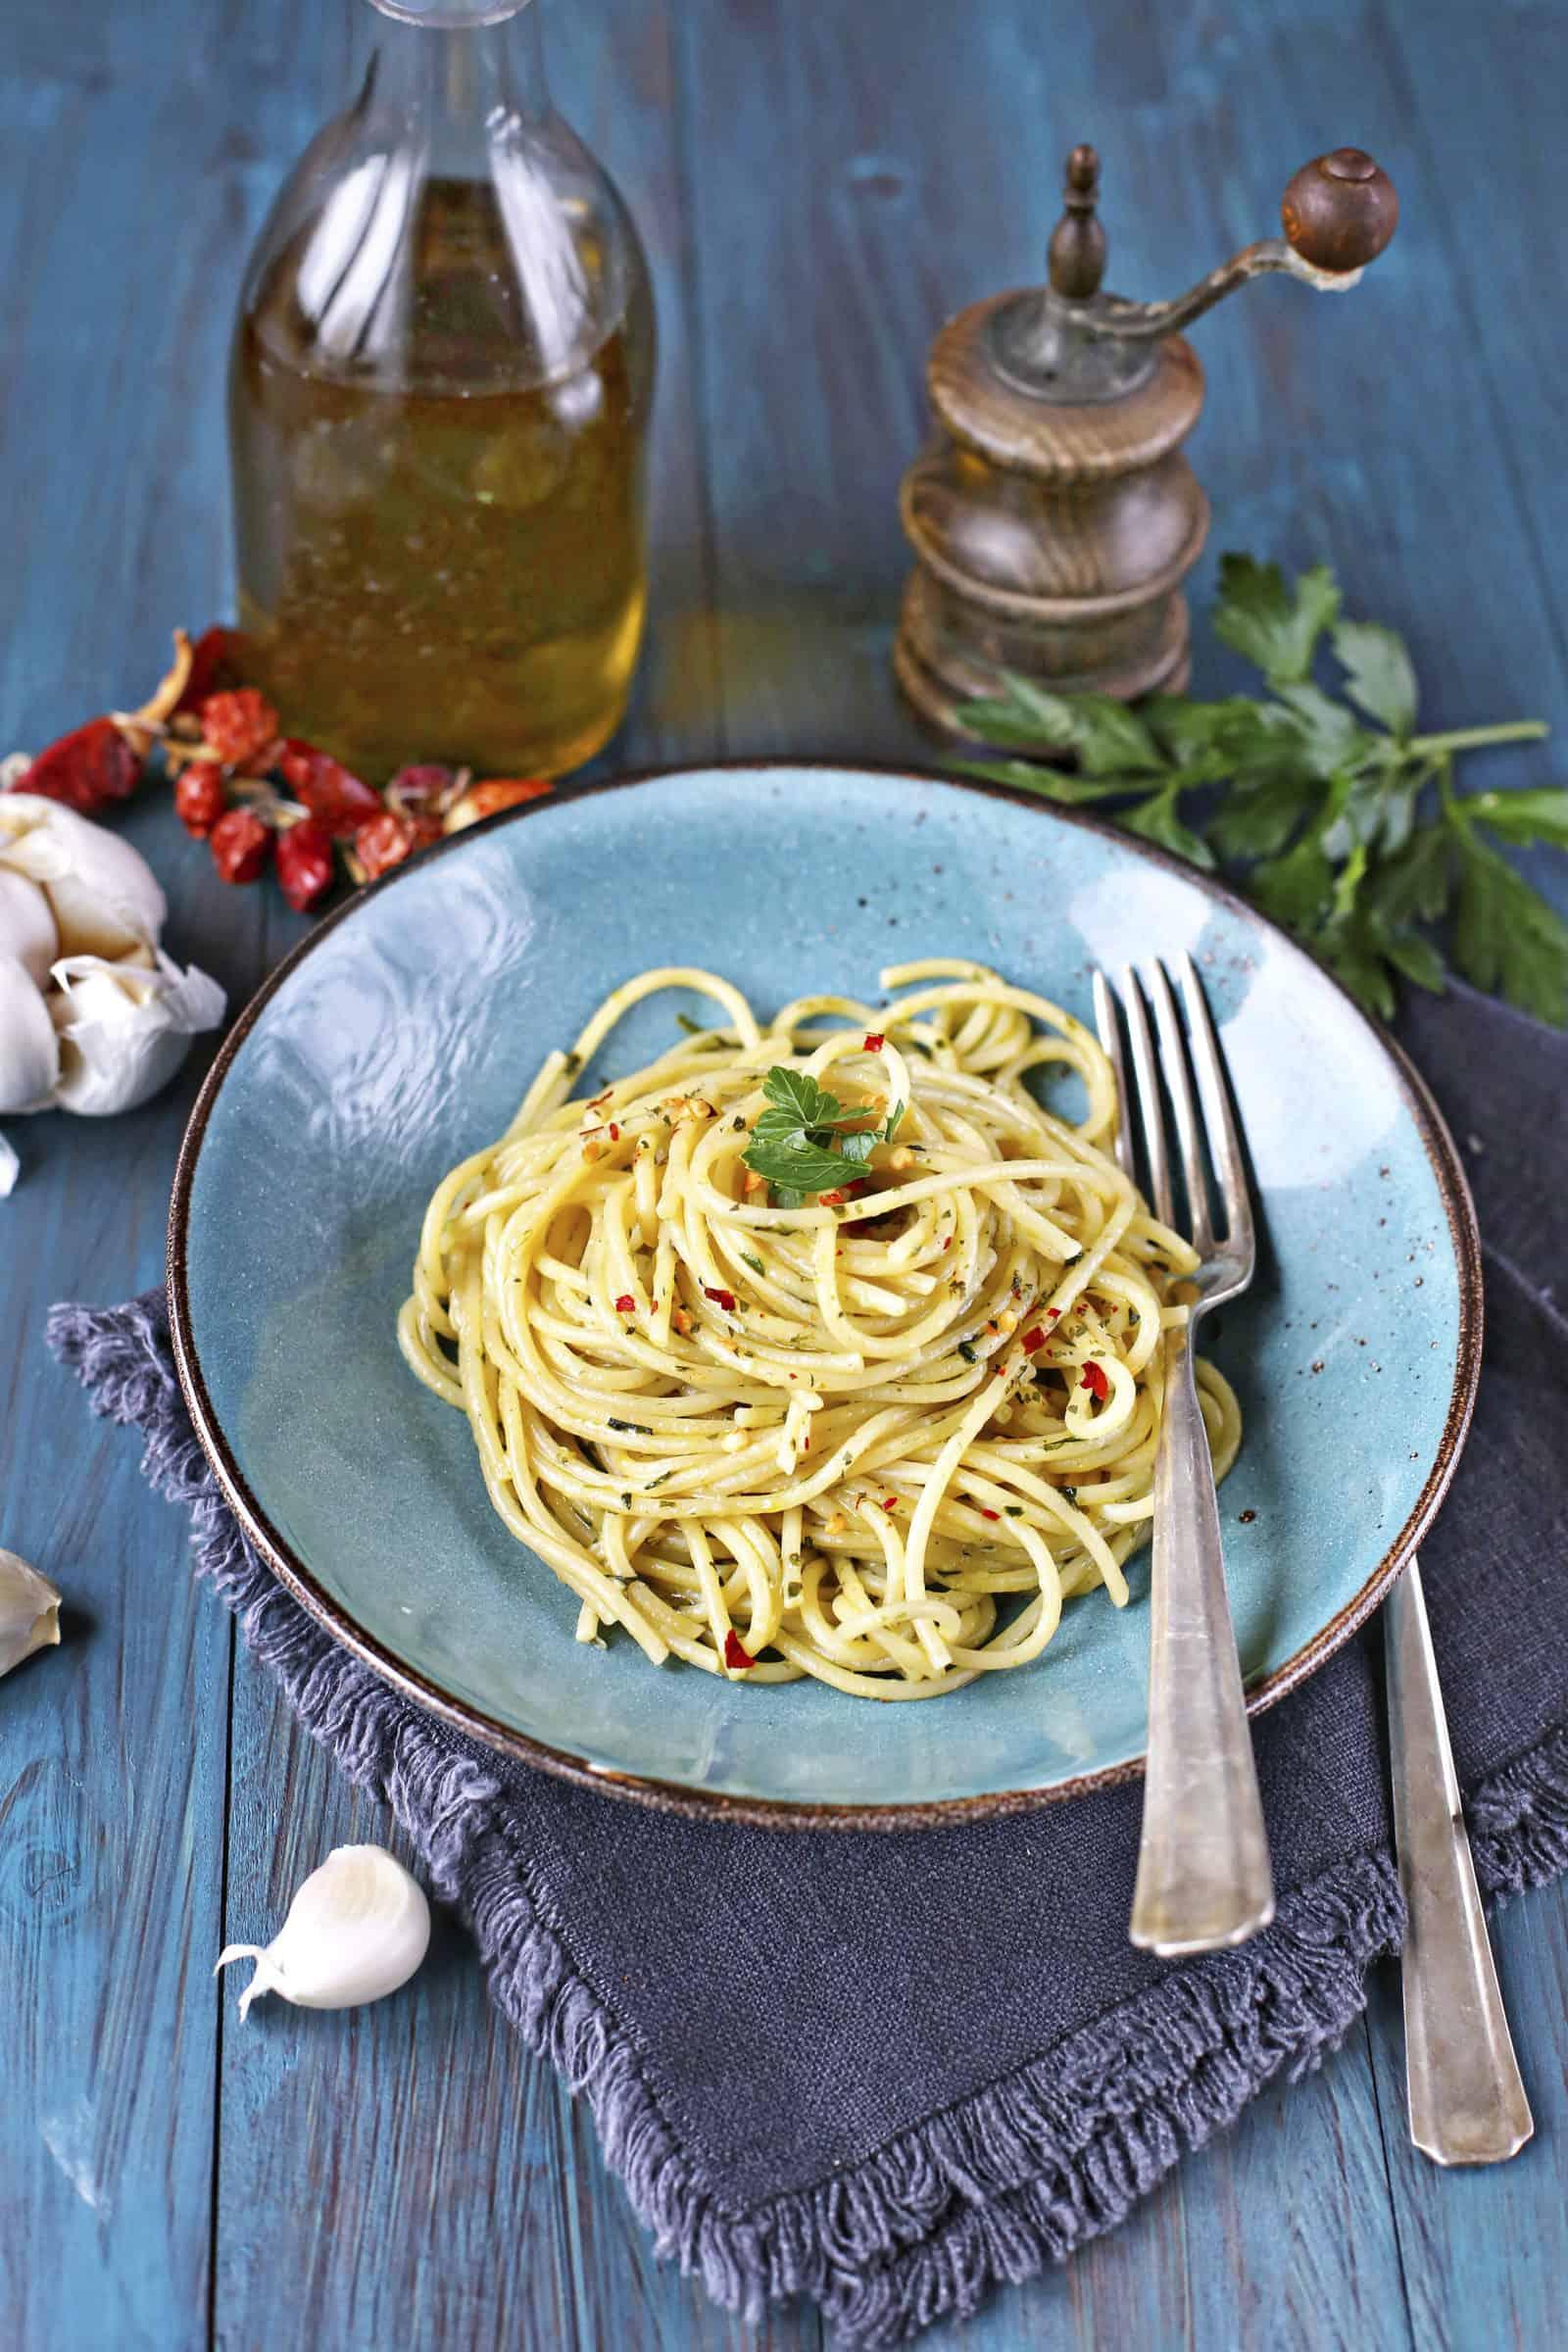 Spaghetti aglio, olio e peperoncino mit dem Thermomix® – Foto: Alexandra Panella